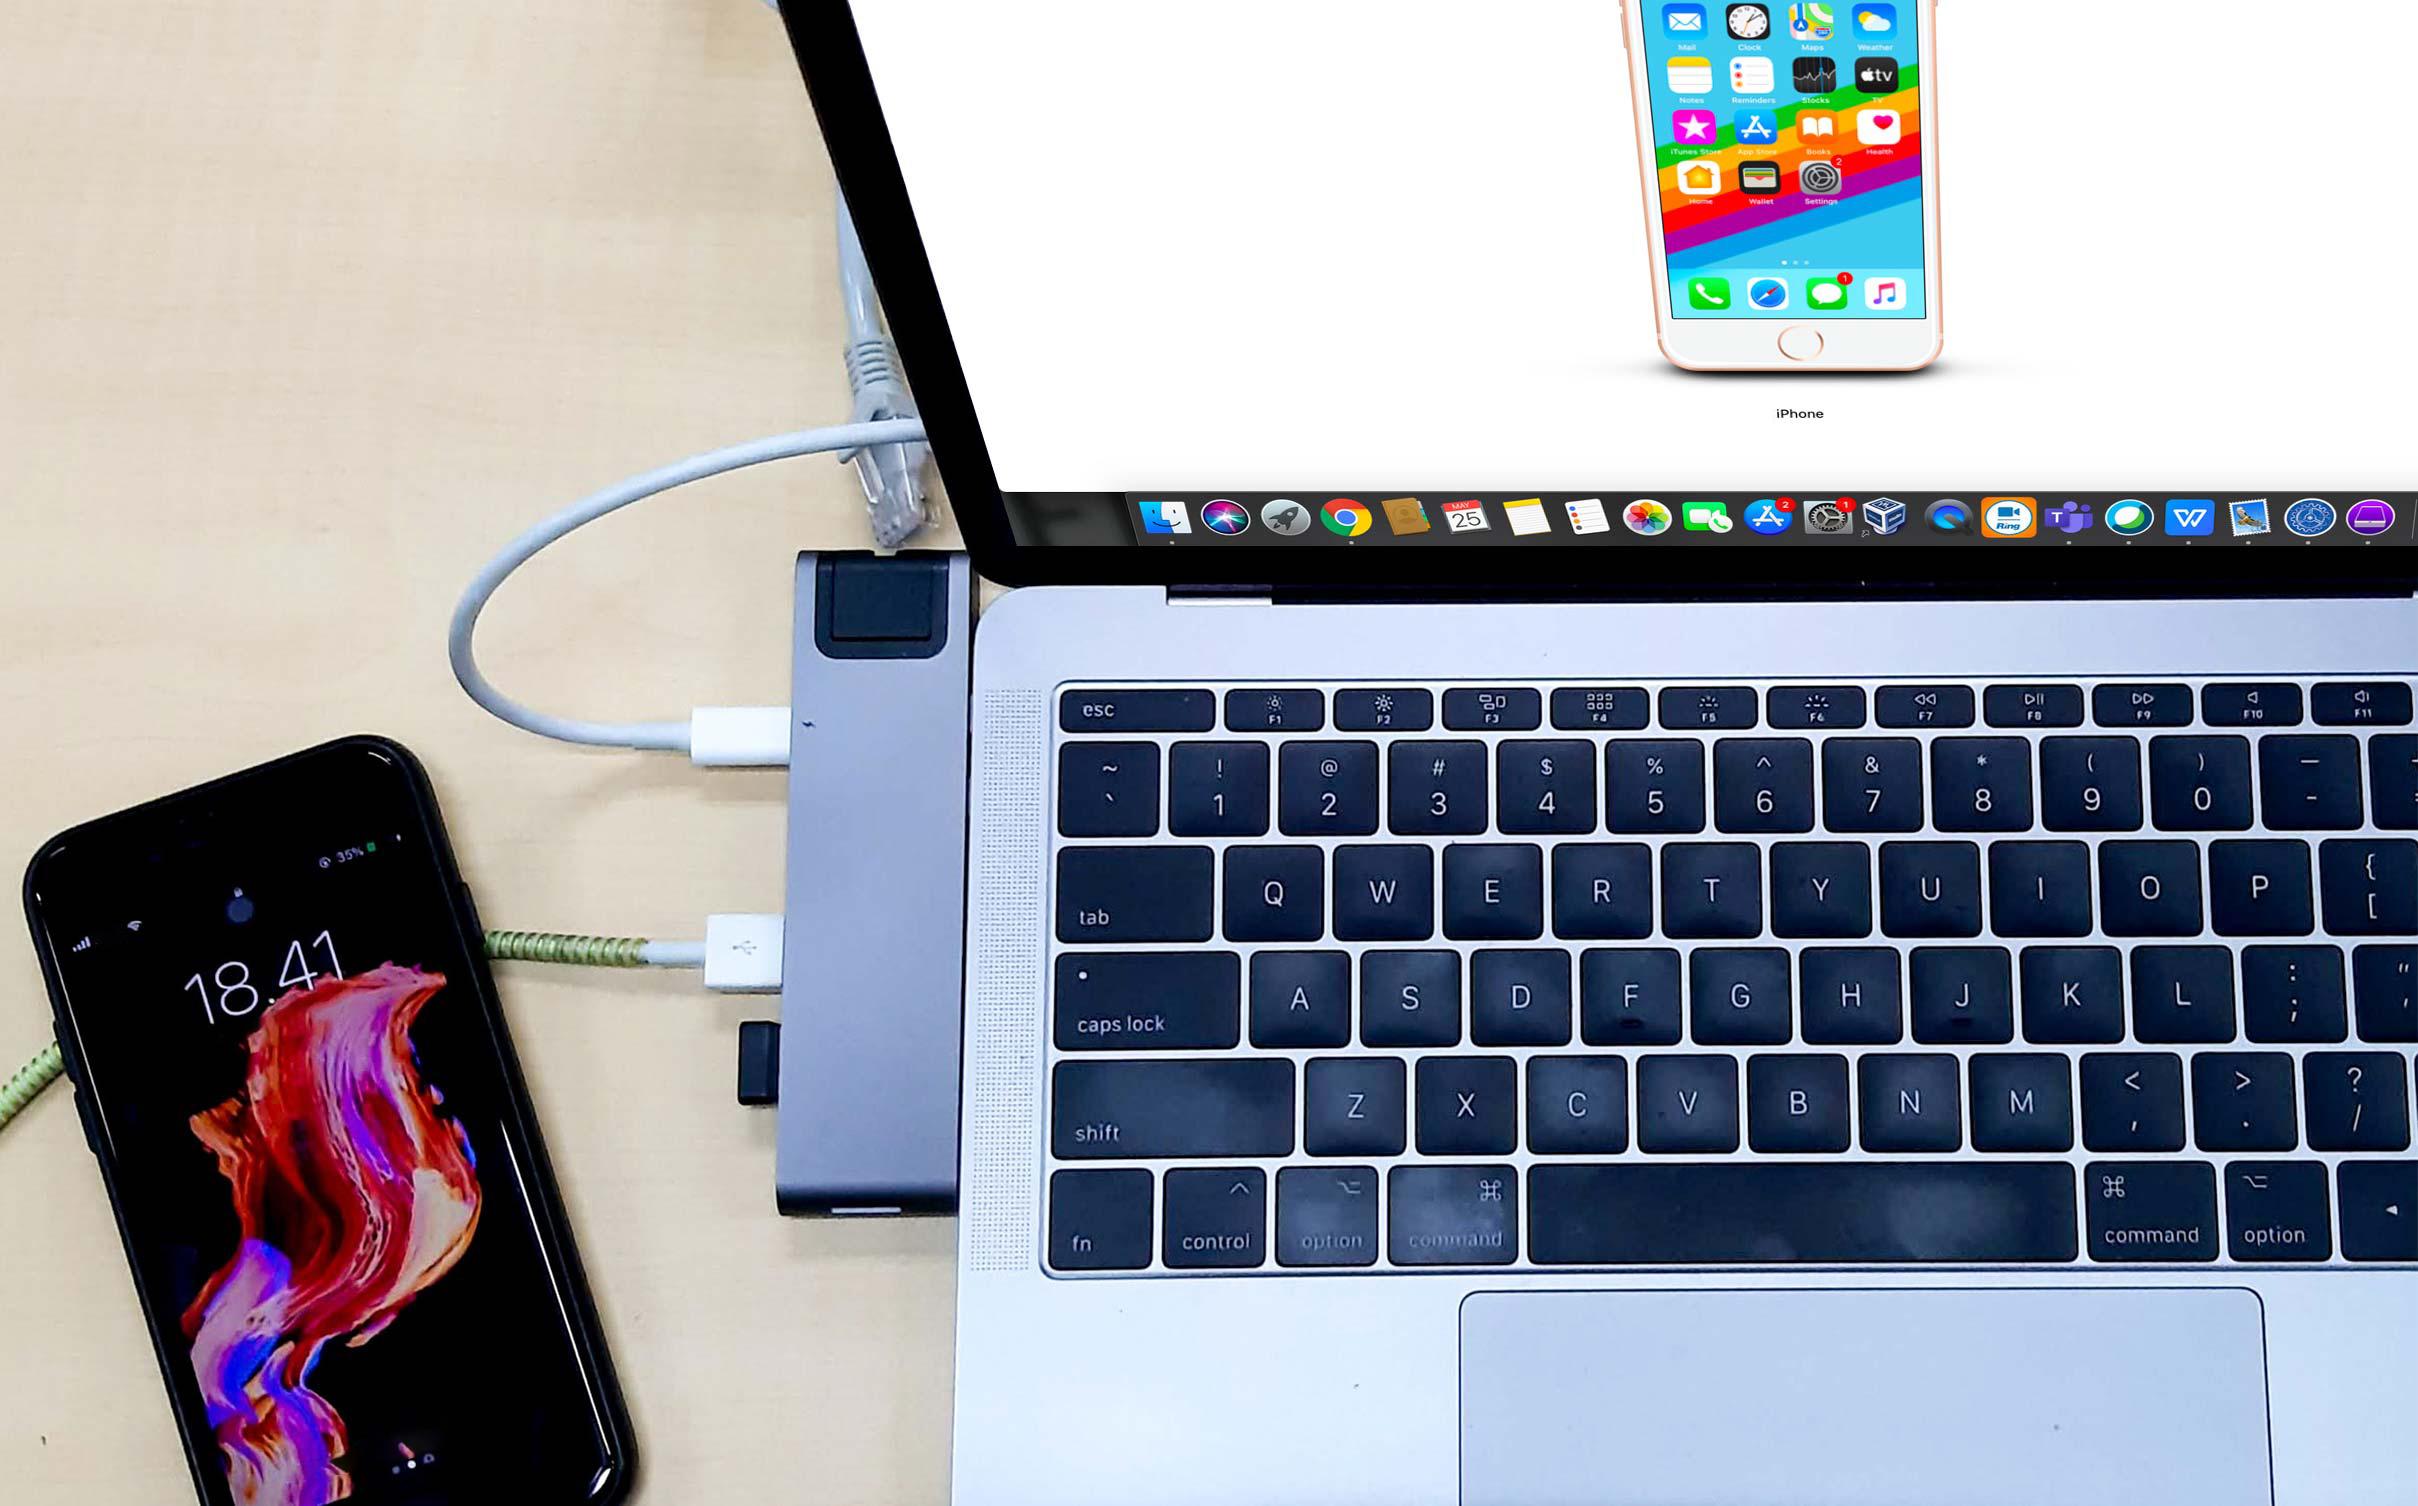 Configuring iPhone using Apple Configurator